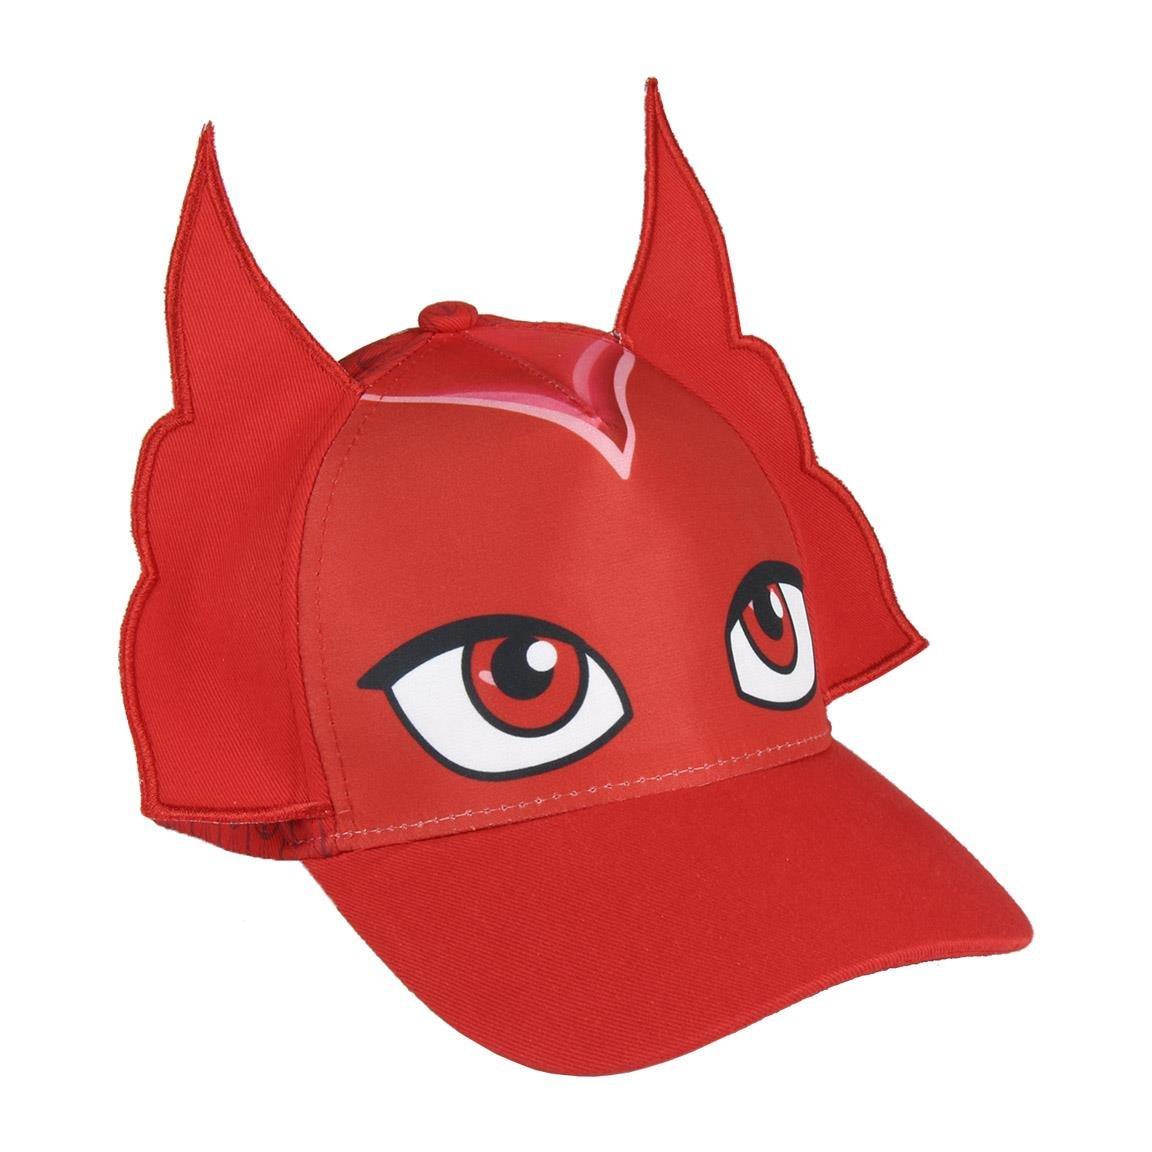 PJ Masks Superpigiamini - Cappello Berretto con Visiera -Bambino Bambina - GattoBoy Geco Gufetta - novità 22-287X